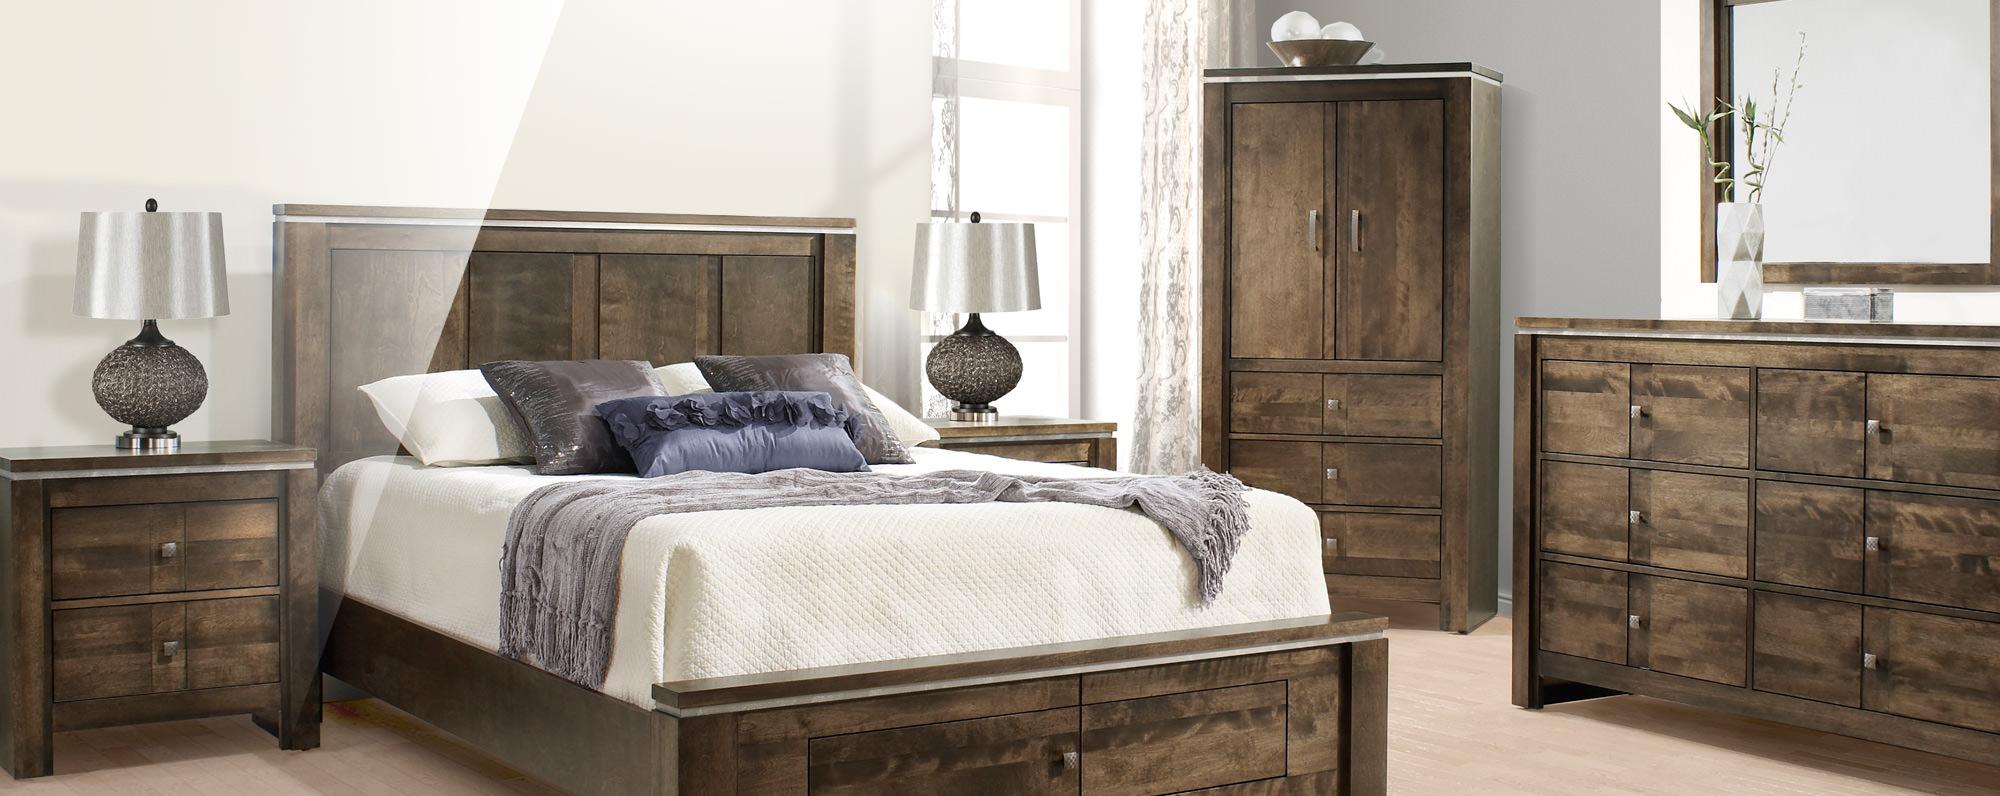 Meubles de chambre meubles tv qu bec nouveau brunswick for Le meuble villageois